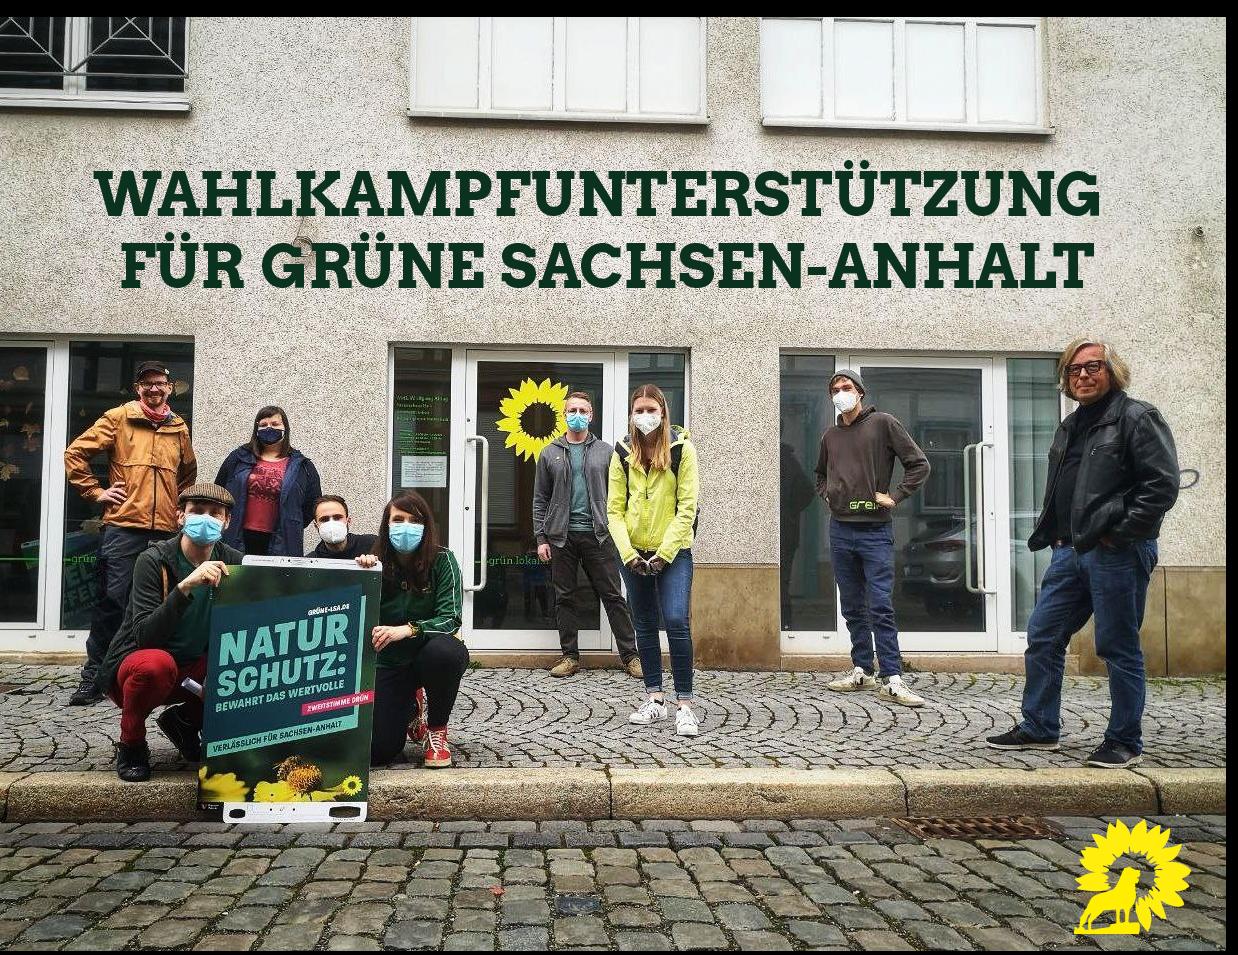 Wahlkampfunterstützung für die Grünen in Sachsen-Anhalt